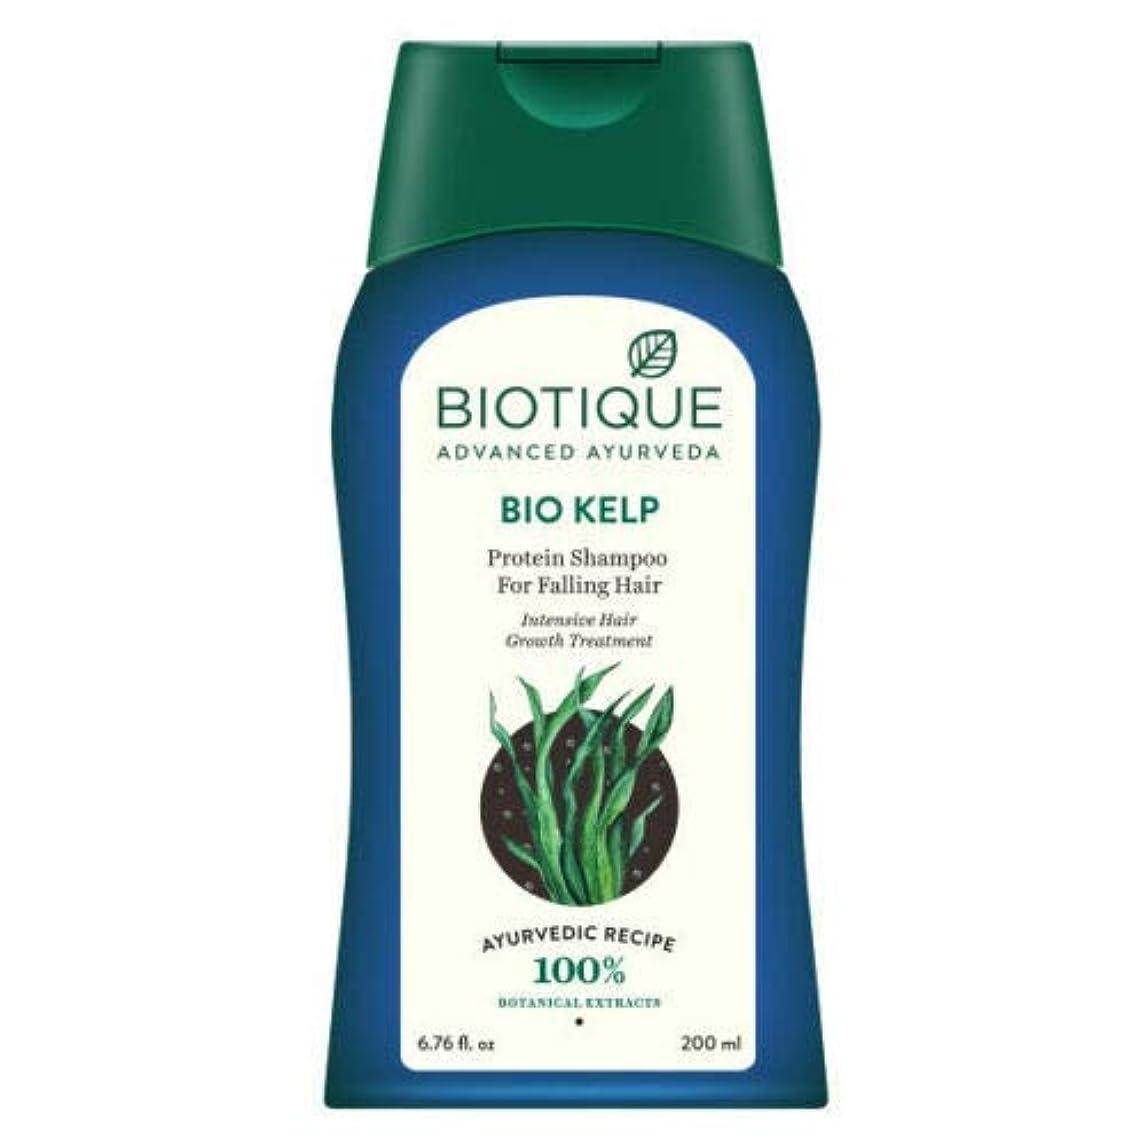 分析するディーラー塩Biotique Bio Kelp Protein Shampoo For Falling Hair (200 ml) 100% Natural Recipe 落下の毛100%の自然な調理法のためのBiotiqueのバイオケルプ蛋白質のシャンプー